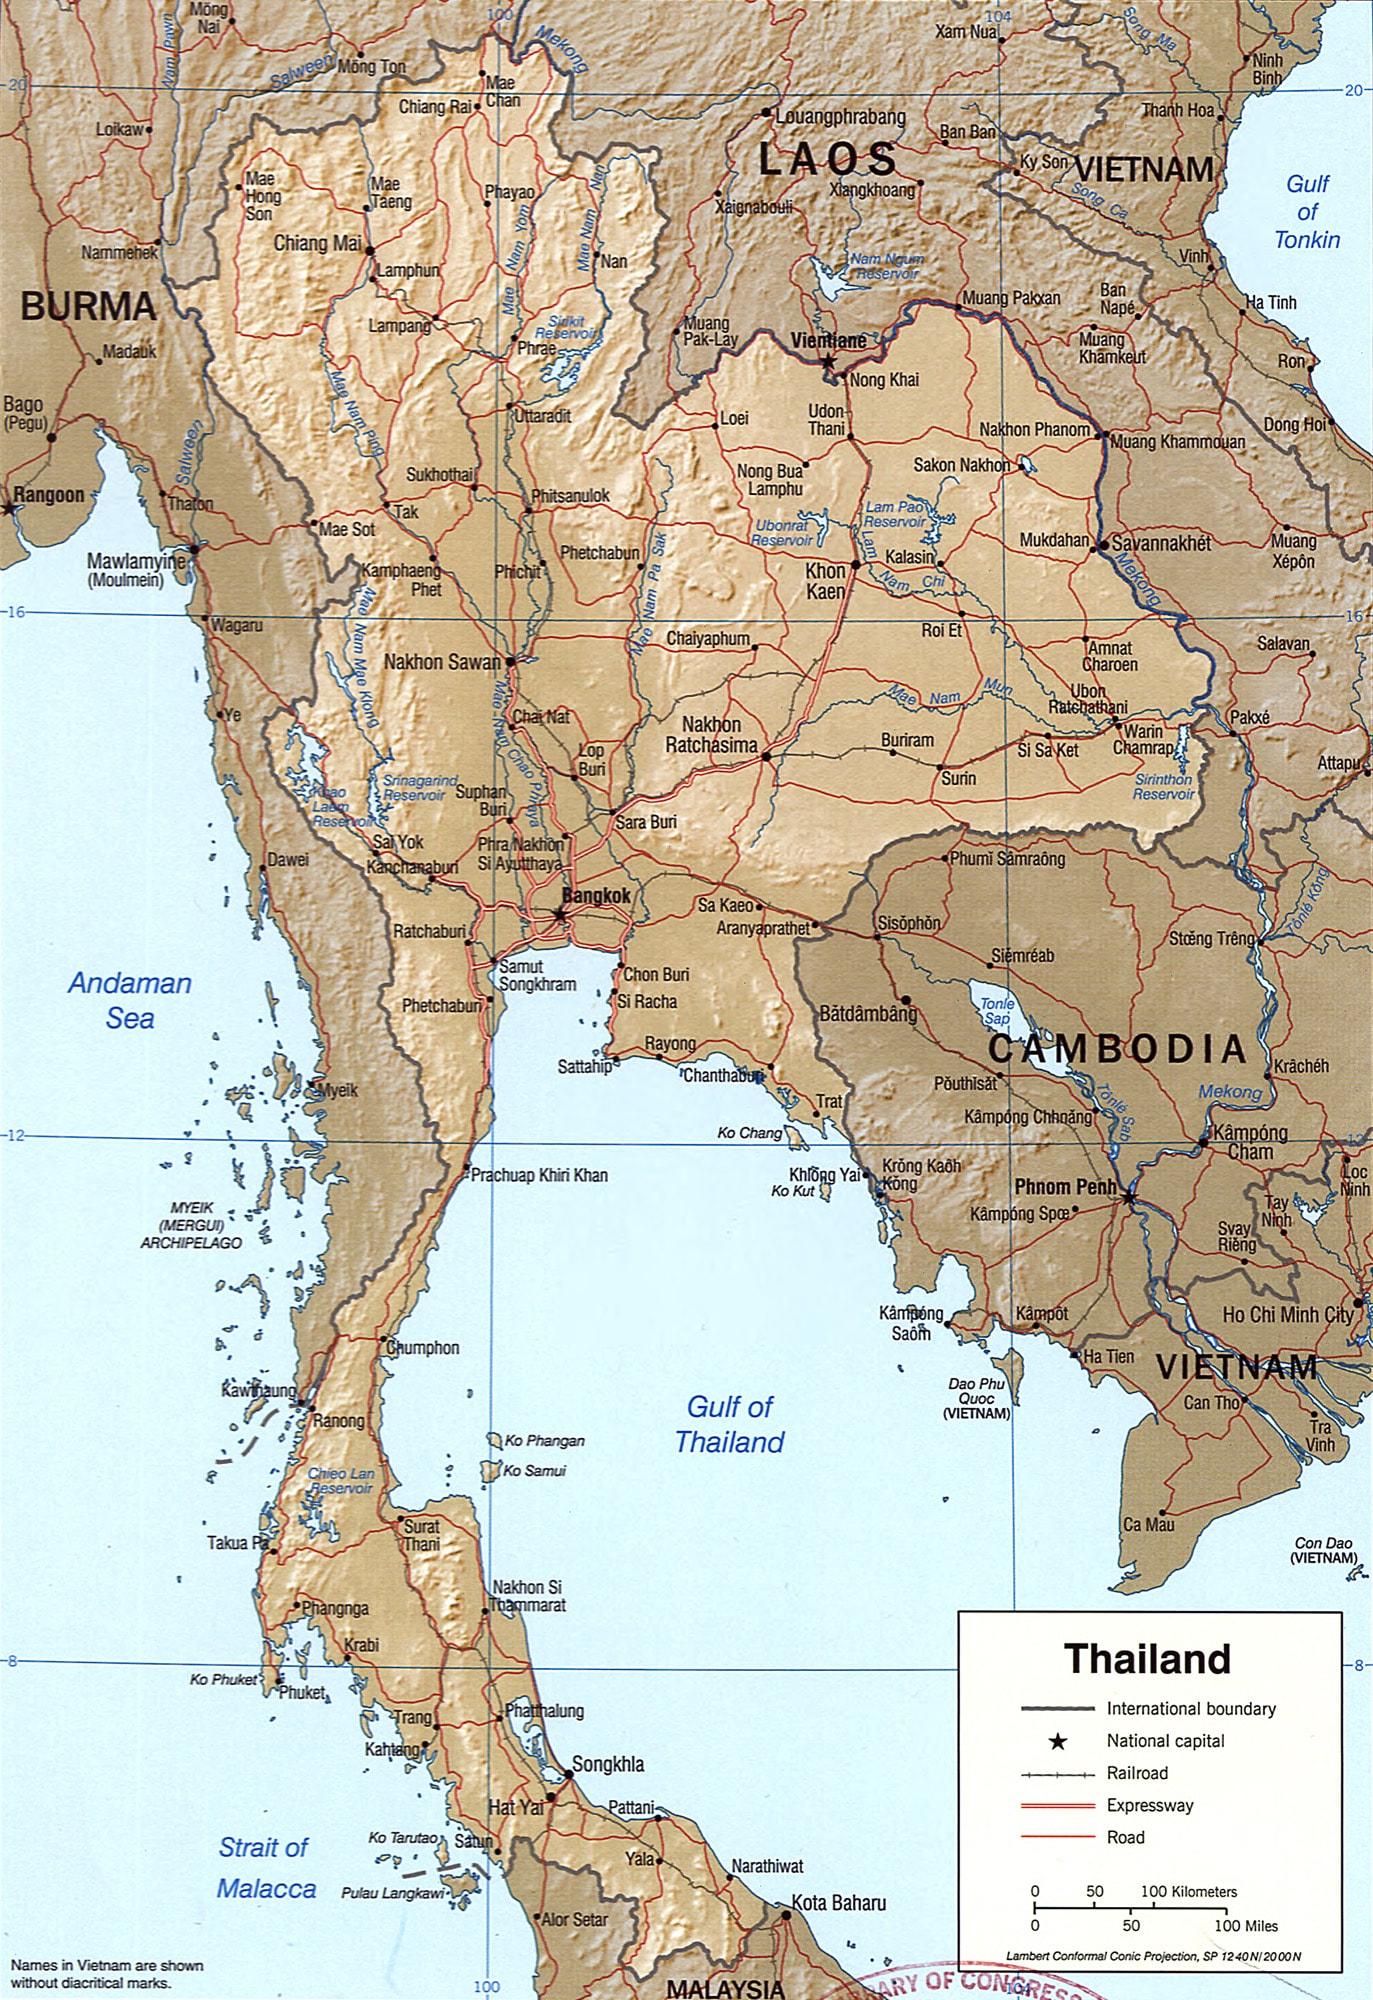 خريطة تايلاند بالتفصيل